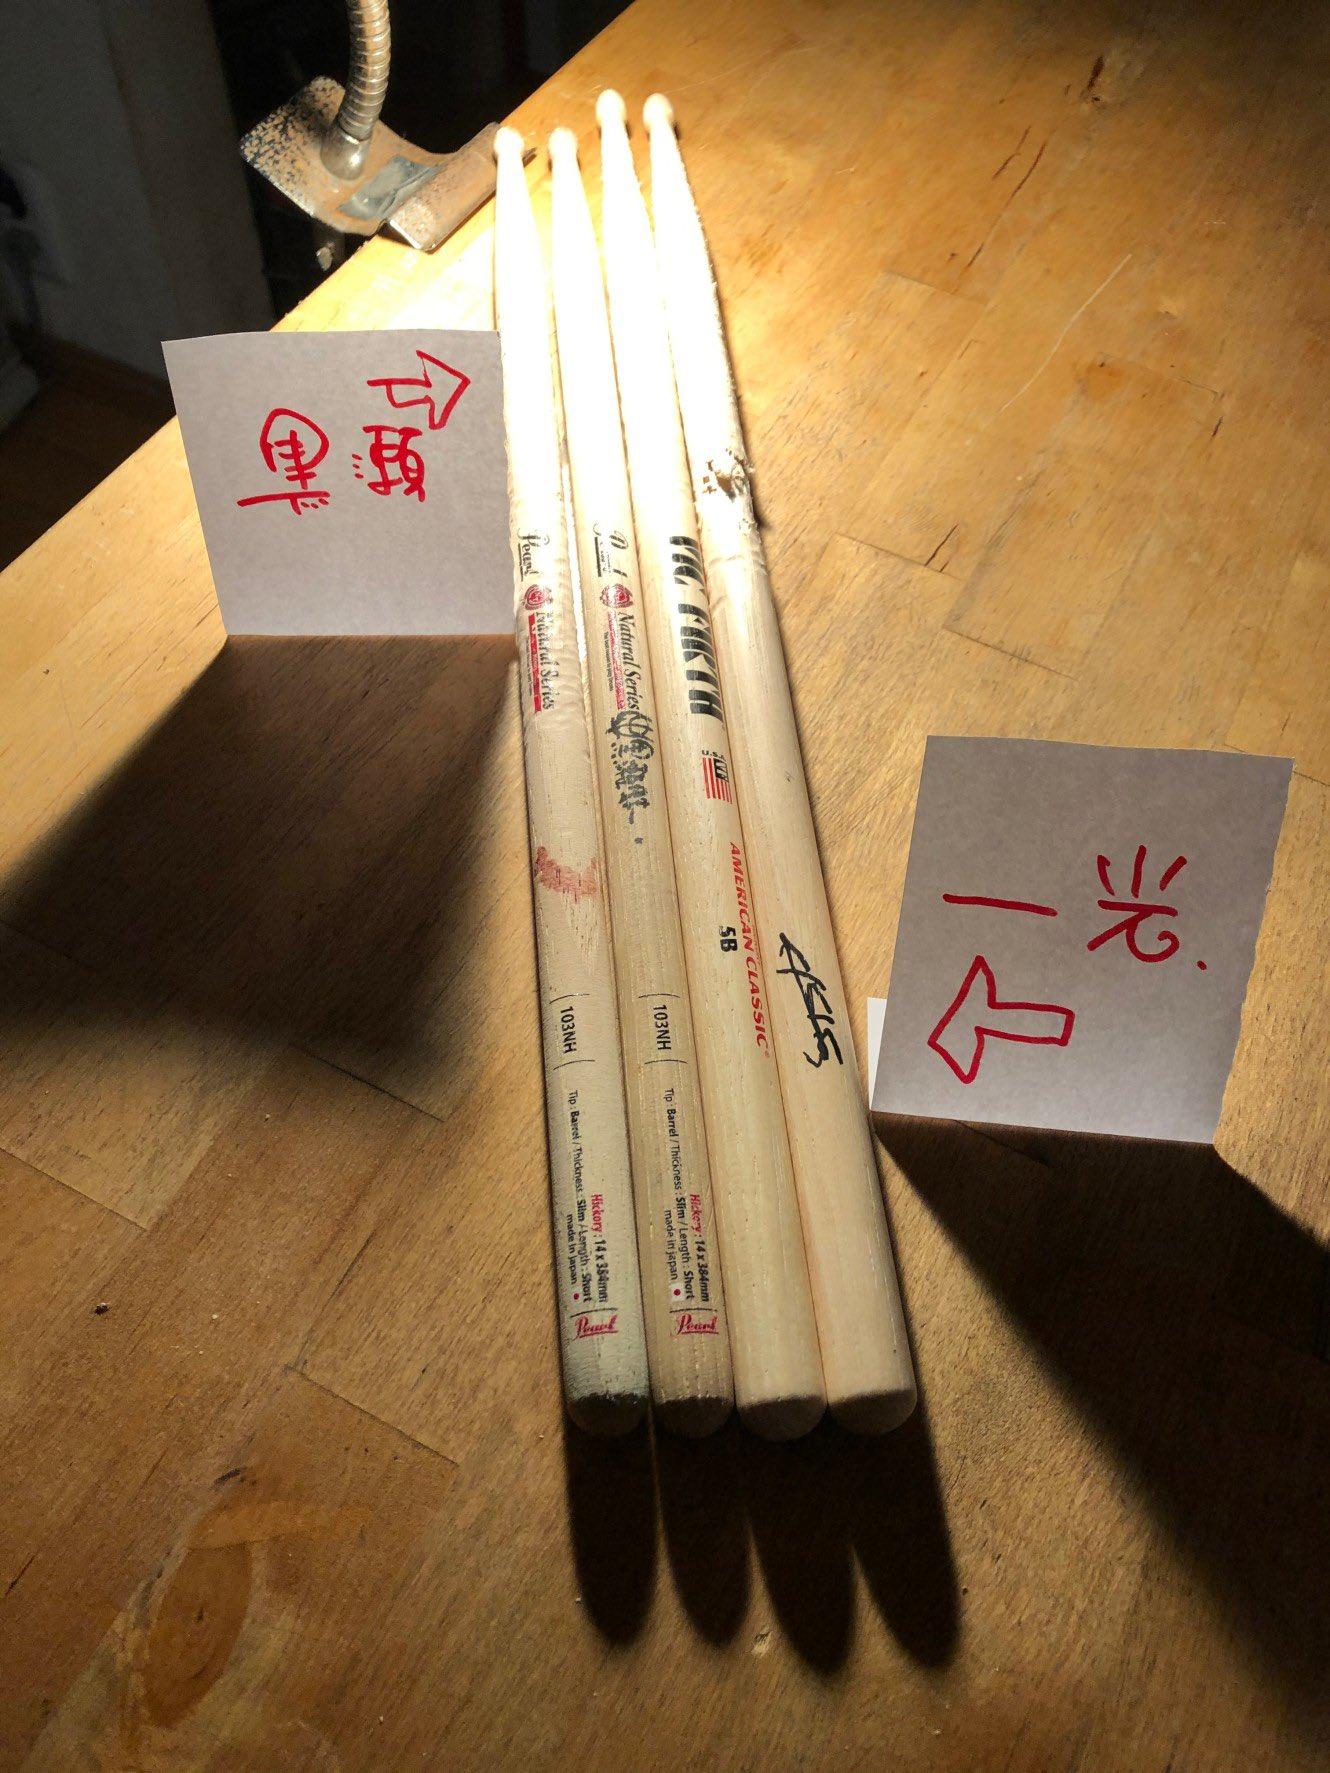 B'z配信ライブで使用した、黒瀬蛙一と田中一光のドラムスティックの写真